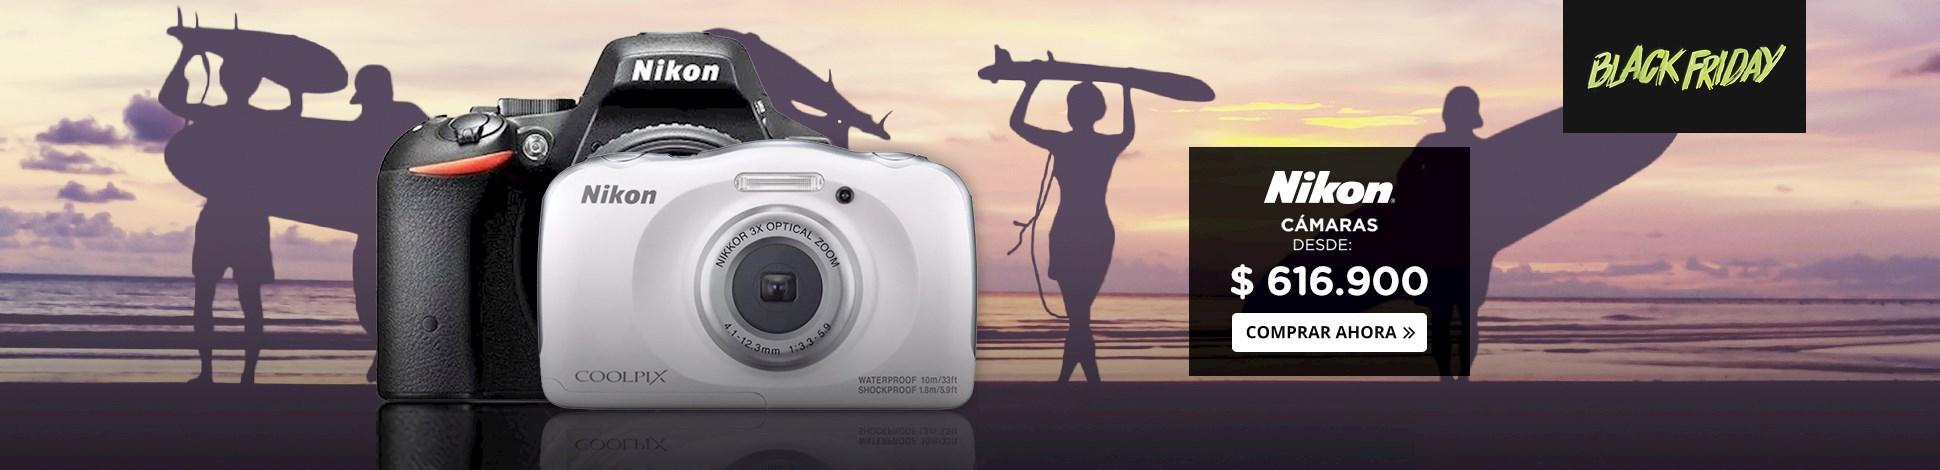 HS-Nikon2 (1).jpg